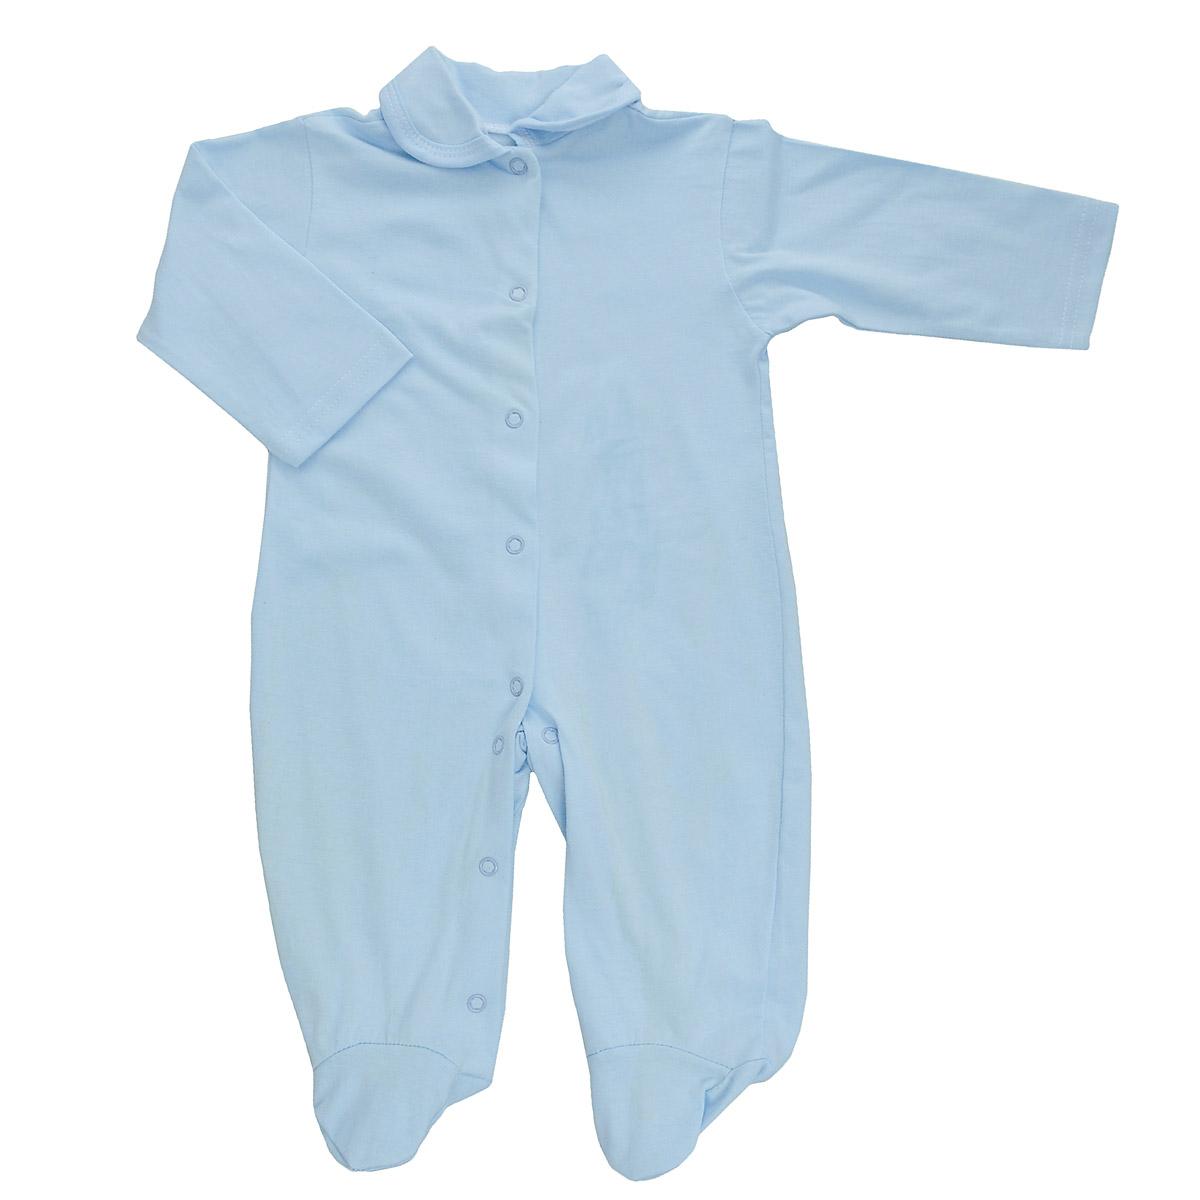 Комбинезон детский Трон-Плюс, цвет: голубой. 5805. Размер 68, 6 месяцев5805Детский комбинезон Трон-Плюс - очень удобный и практичный вид одежды для малышей. Комбинезон выполнен из кулирного полотна - натурального хлопка, благодаря чему он необычайно мягкий и приятный на ощупь, не раздражает нежную кожу ребенка, и хорошо вентилируются, а эластичные швы приятны телу малыша и не препятствуют его движениям. Комбинезон с длинными рукавами, закрытыми ножками и отложным воротничком имеет застежки-кнопки от горловины до щиколоток, которые помогают легко переодеть младенца или сменить подгузник. С детским комбинезоном спинка и ножки вашего малыша всегда будут в тепле, он идеален для использования днем и незаменим ночью. Комбинезон полностью соответствует особенностям жизни младенца в ранний период, не стесняя и не ограничивая его в движениях!